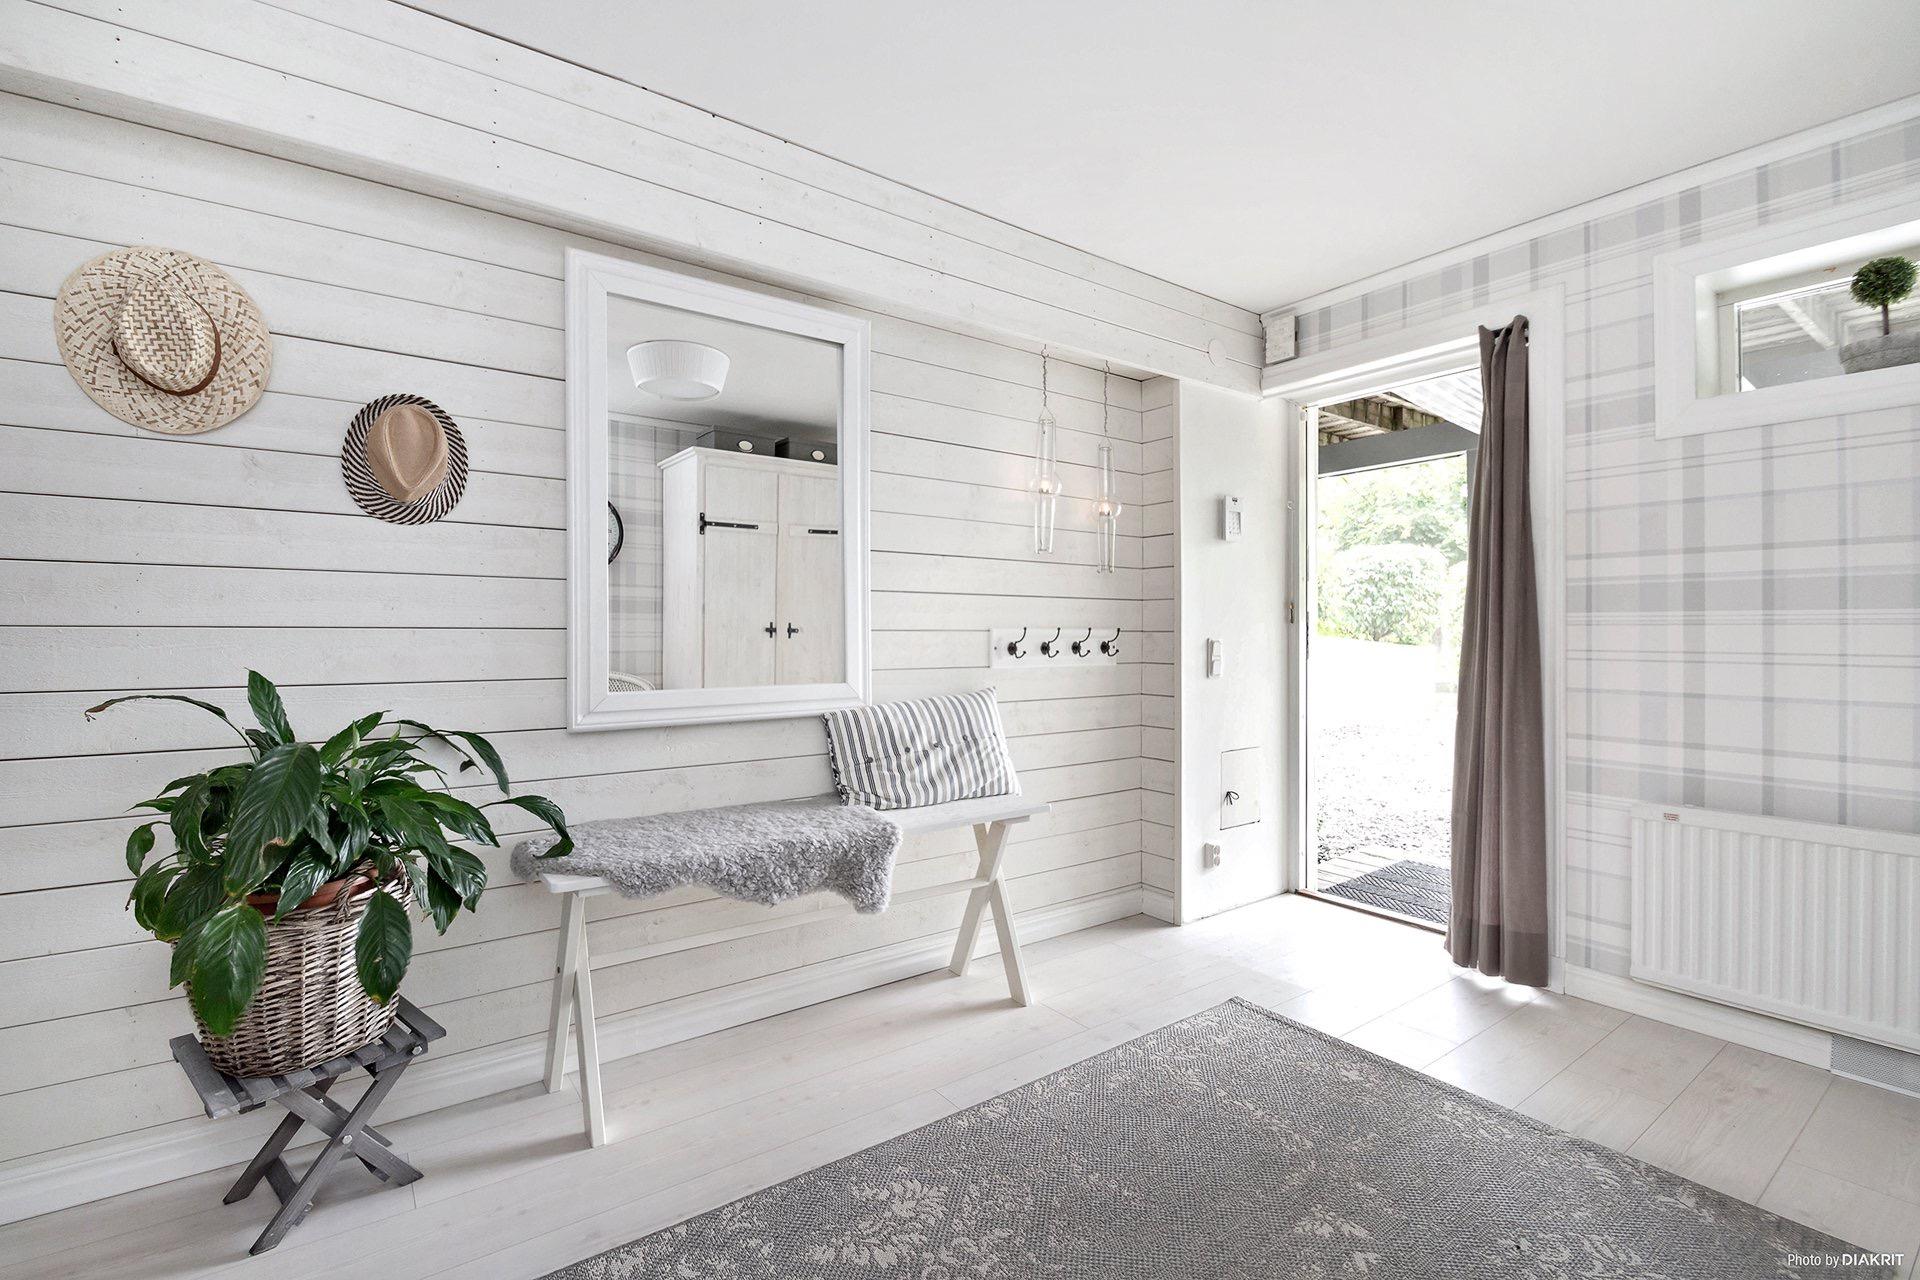 прихожая коридор входная дверь консоль зеркало ковер белый пол